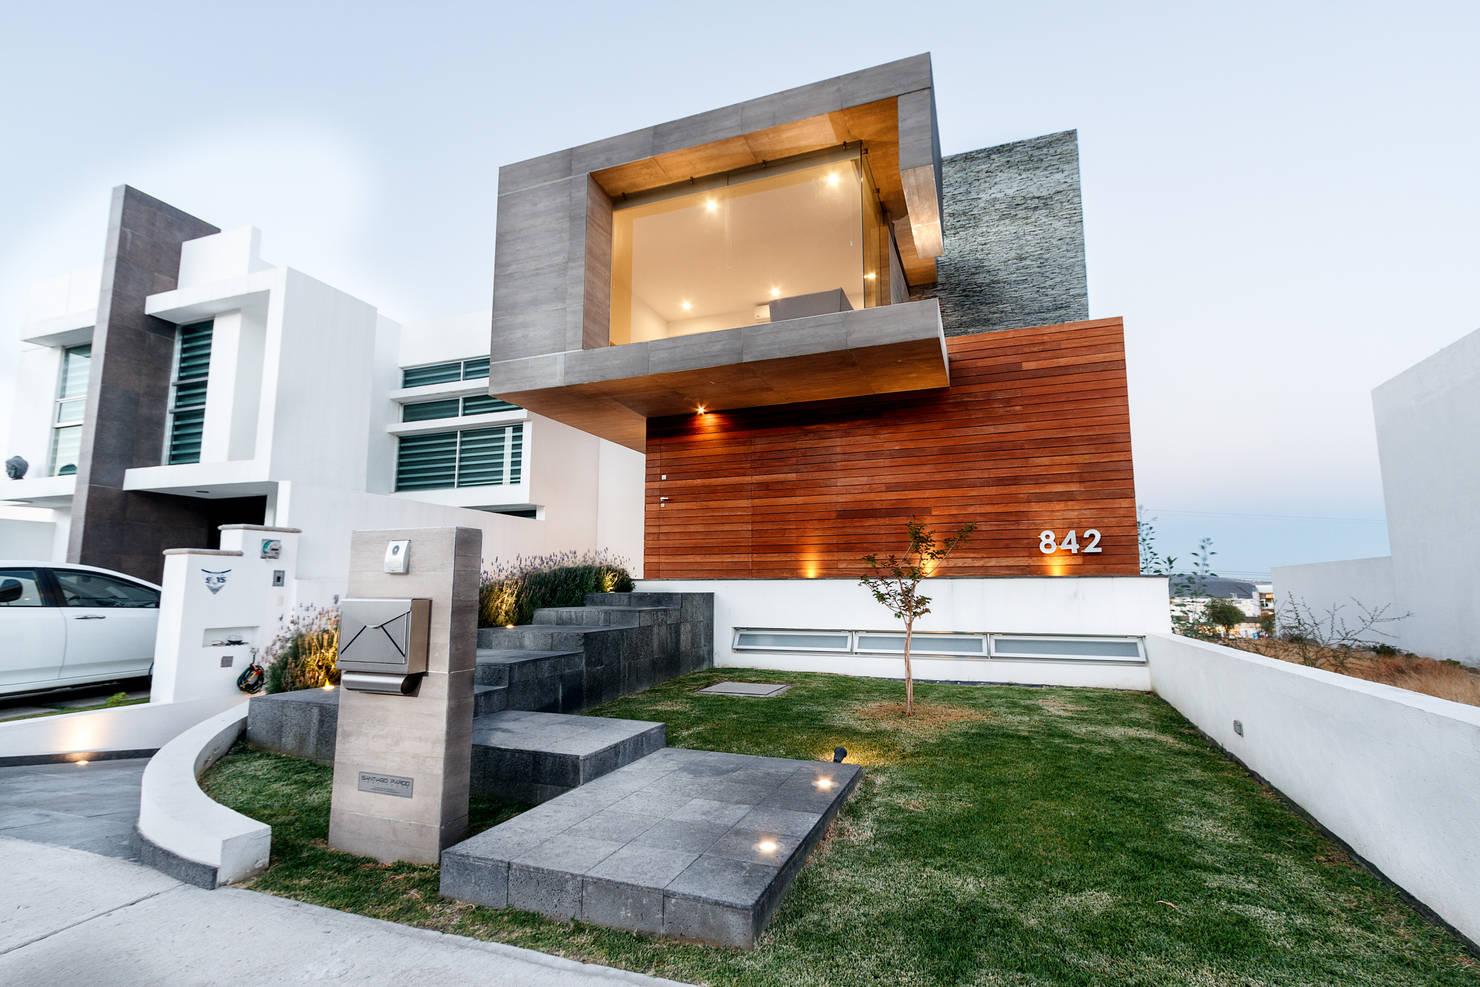 Casa Moderna Se Destaca Pelo Design E Riqueza De Materiais